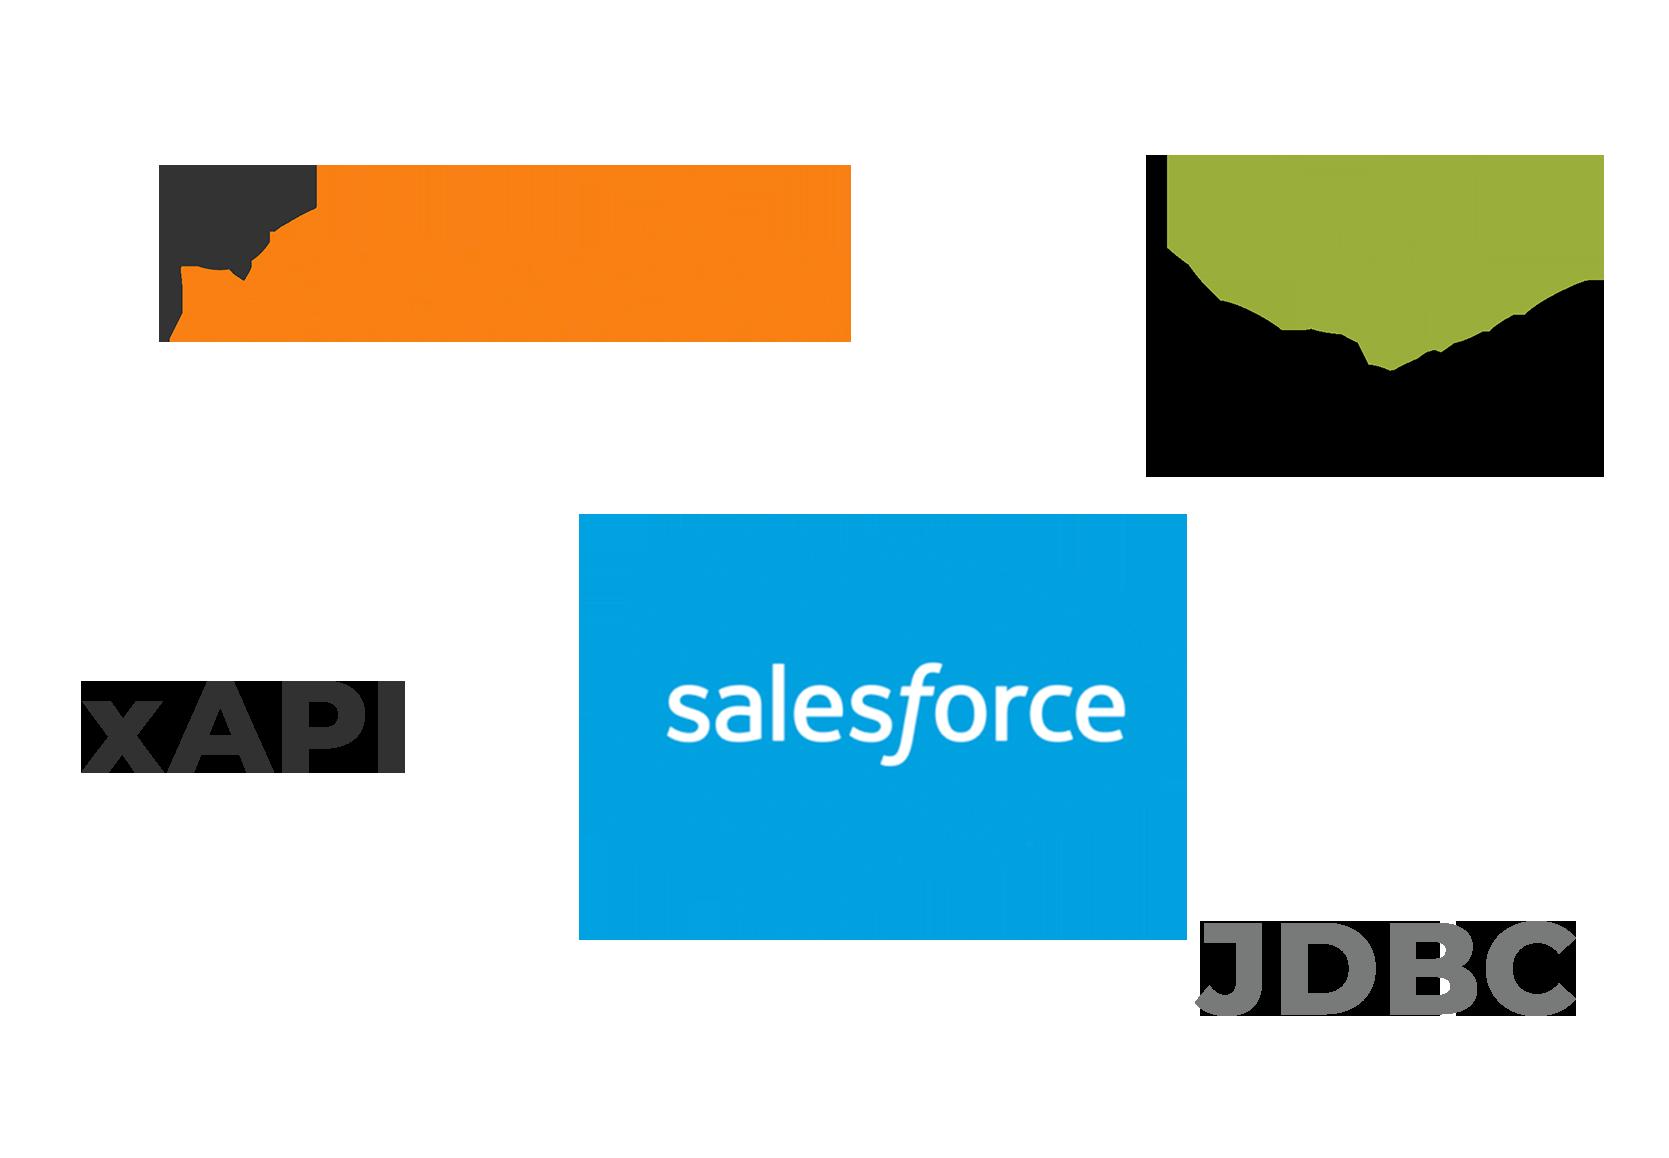 image lambda suite data access showing vendor logos like moodle and xapi